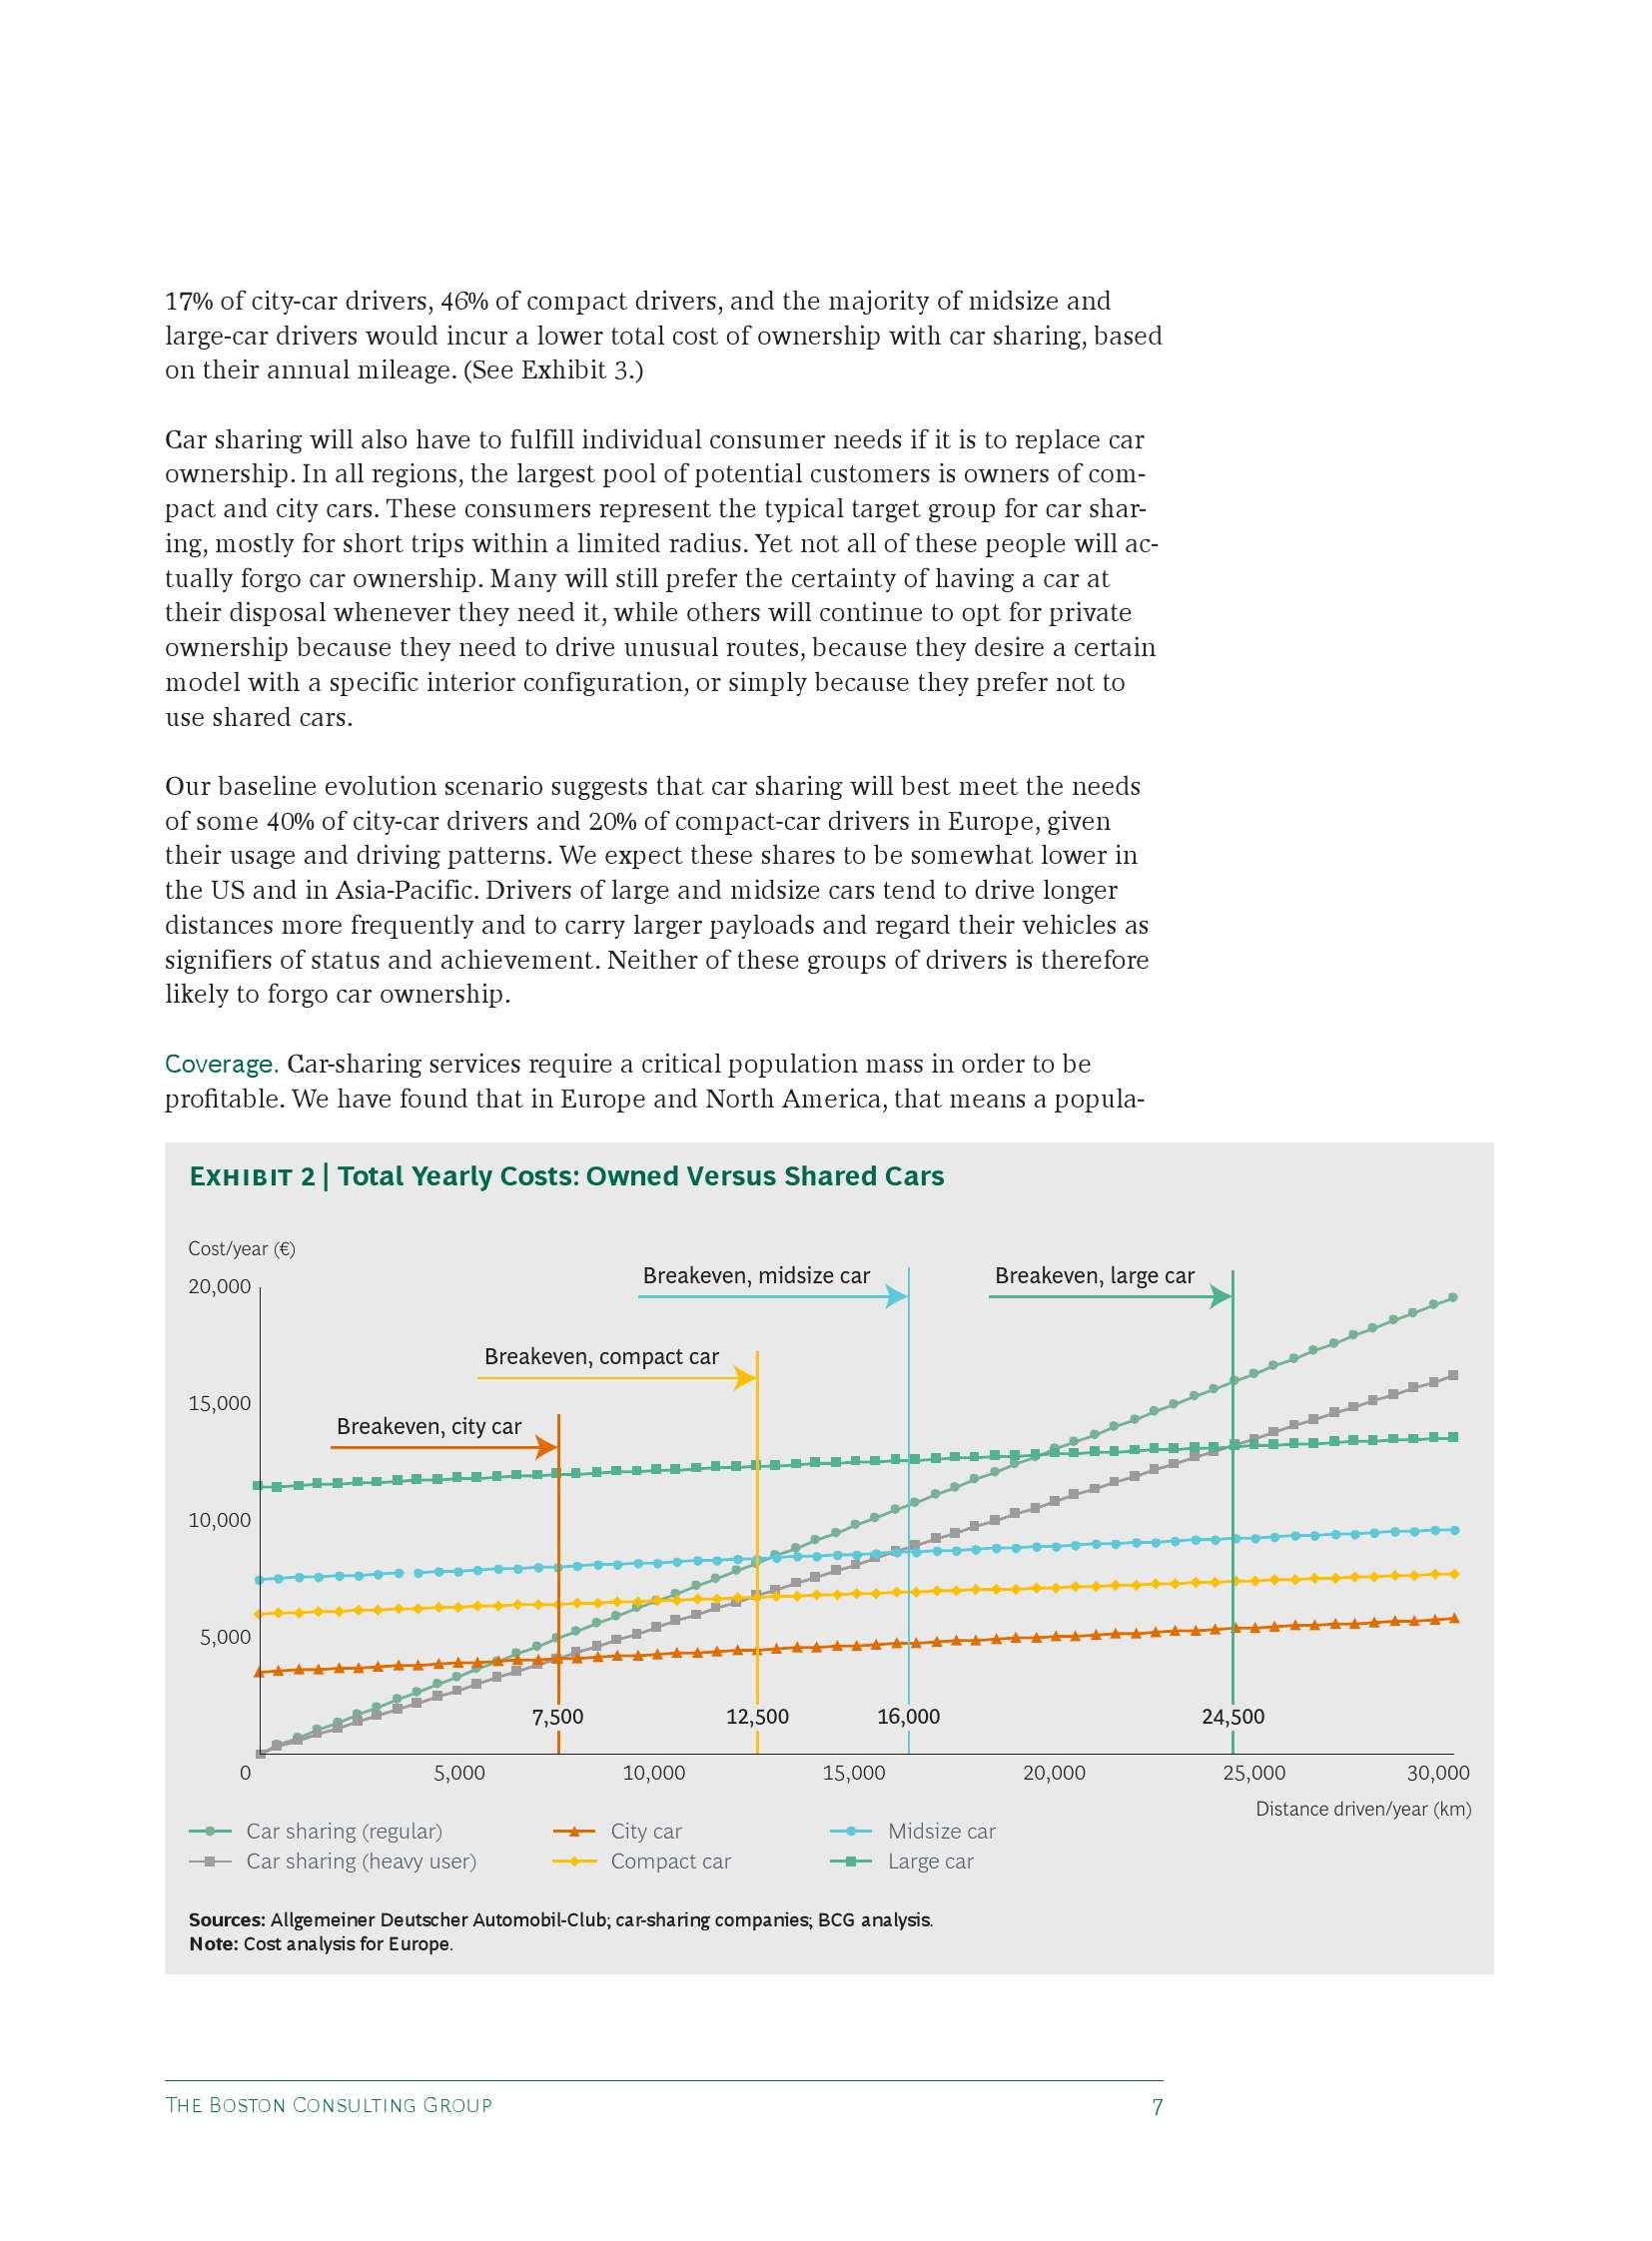 汽车共享新前景:新型出行方式对汽车销量的影响_000009